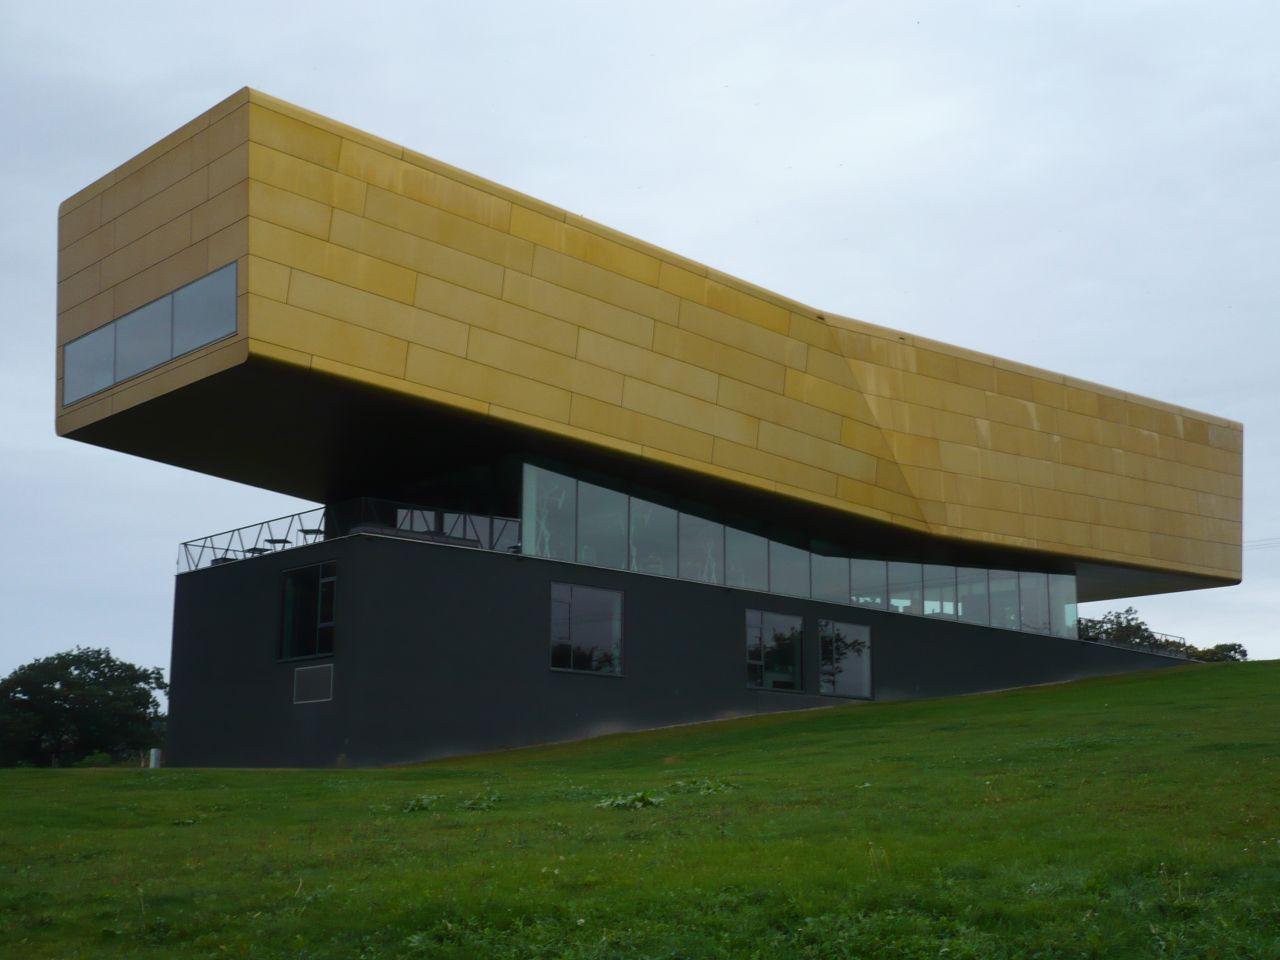 Sonnenobservatorium Goseck, Arche Nebra, Landesmuseum für Vorgeschichte Halle, 25.-26.09.2010